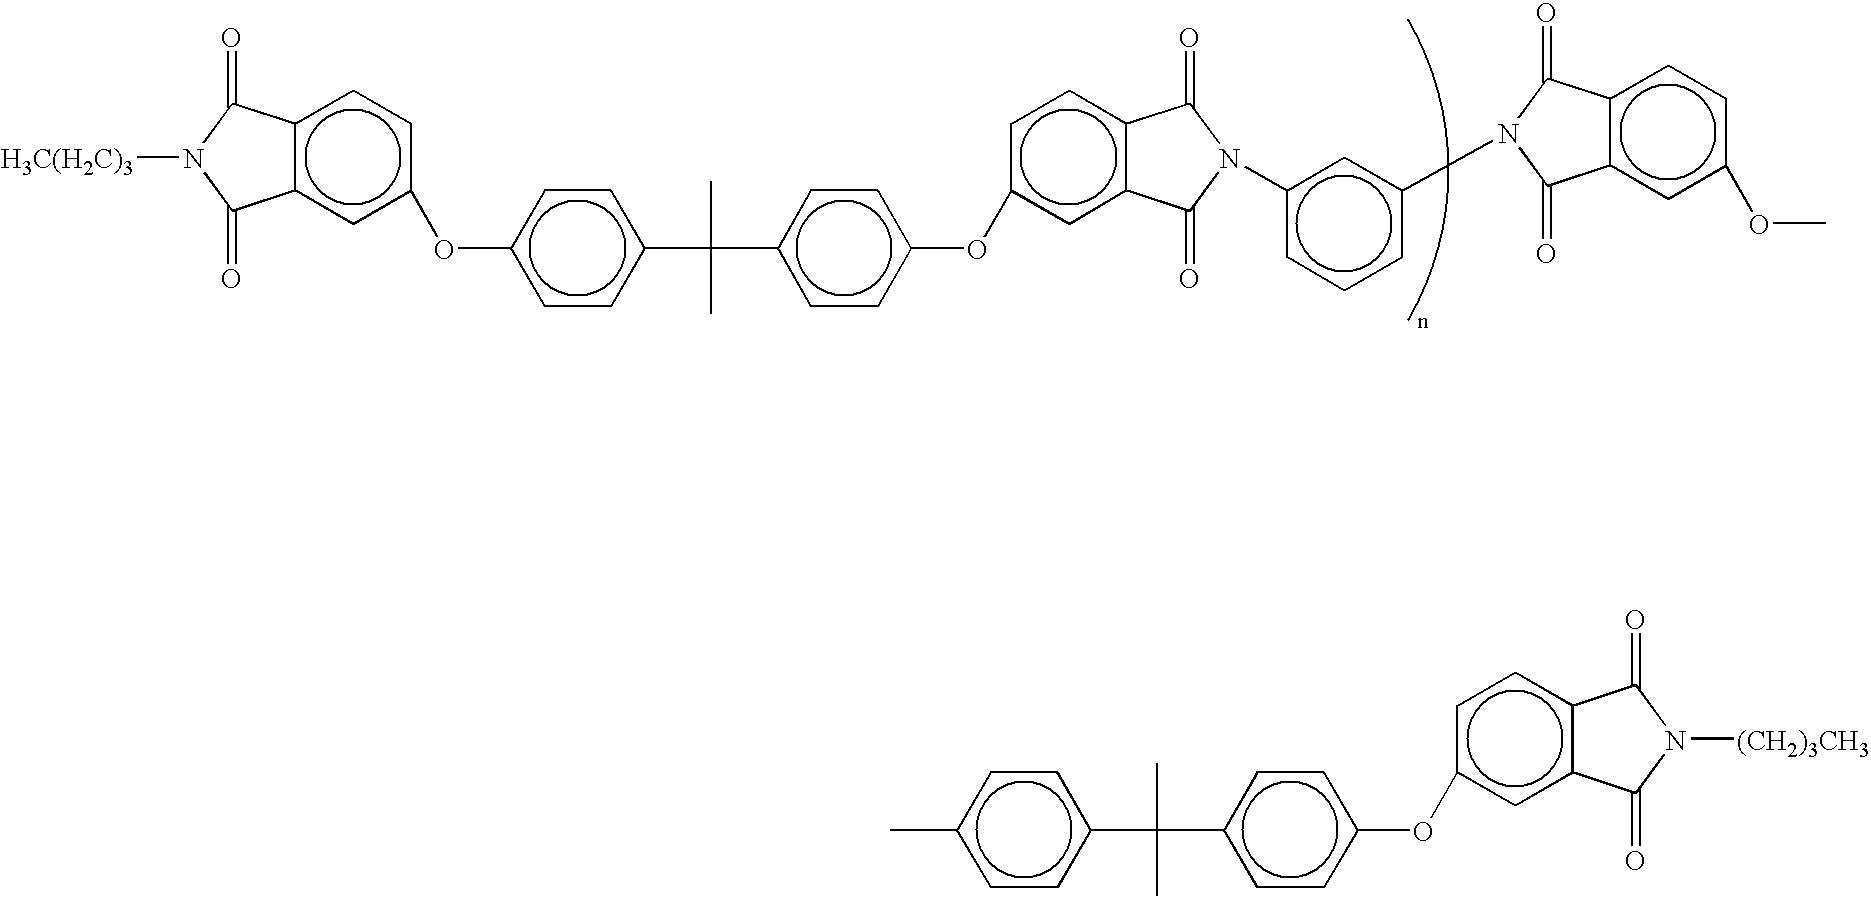 Figure US20090038750A1-20090212-C00014